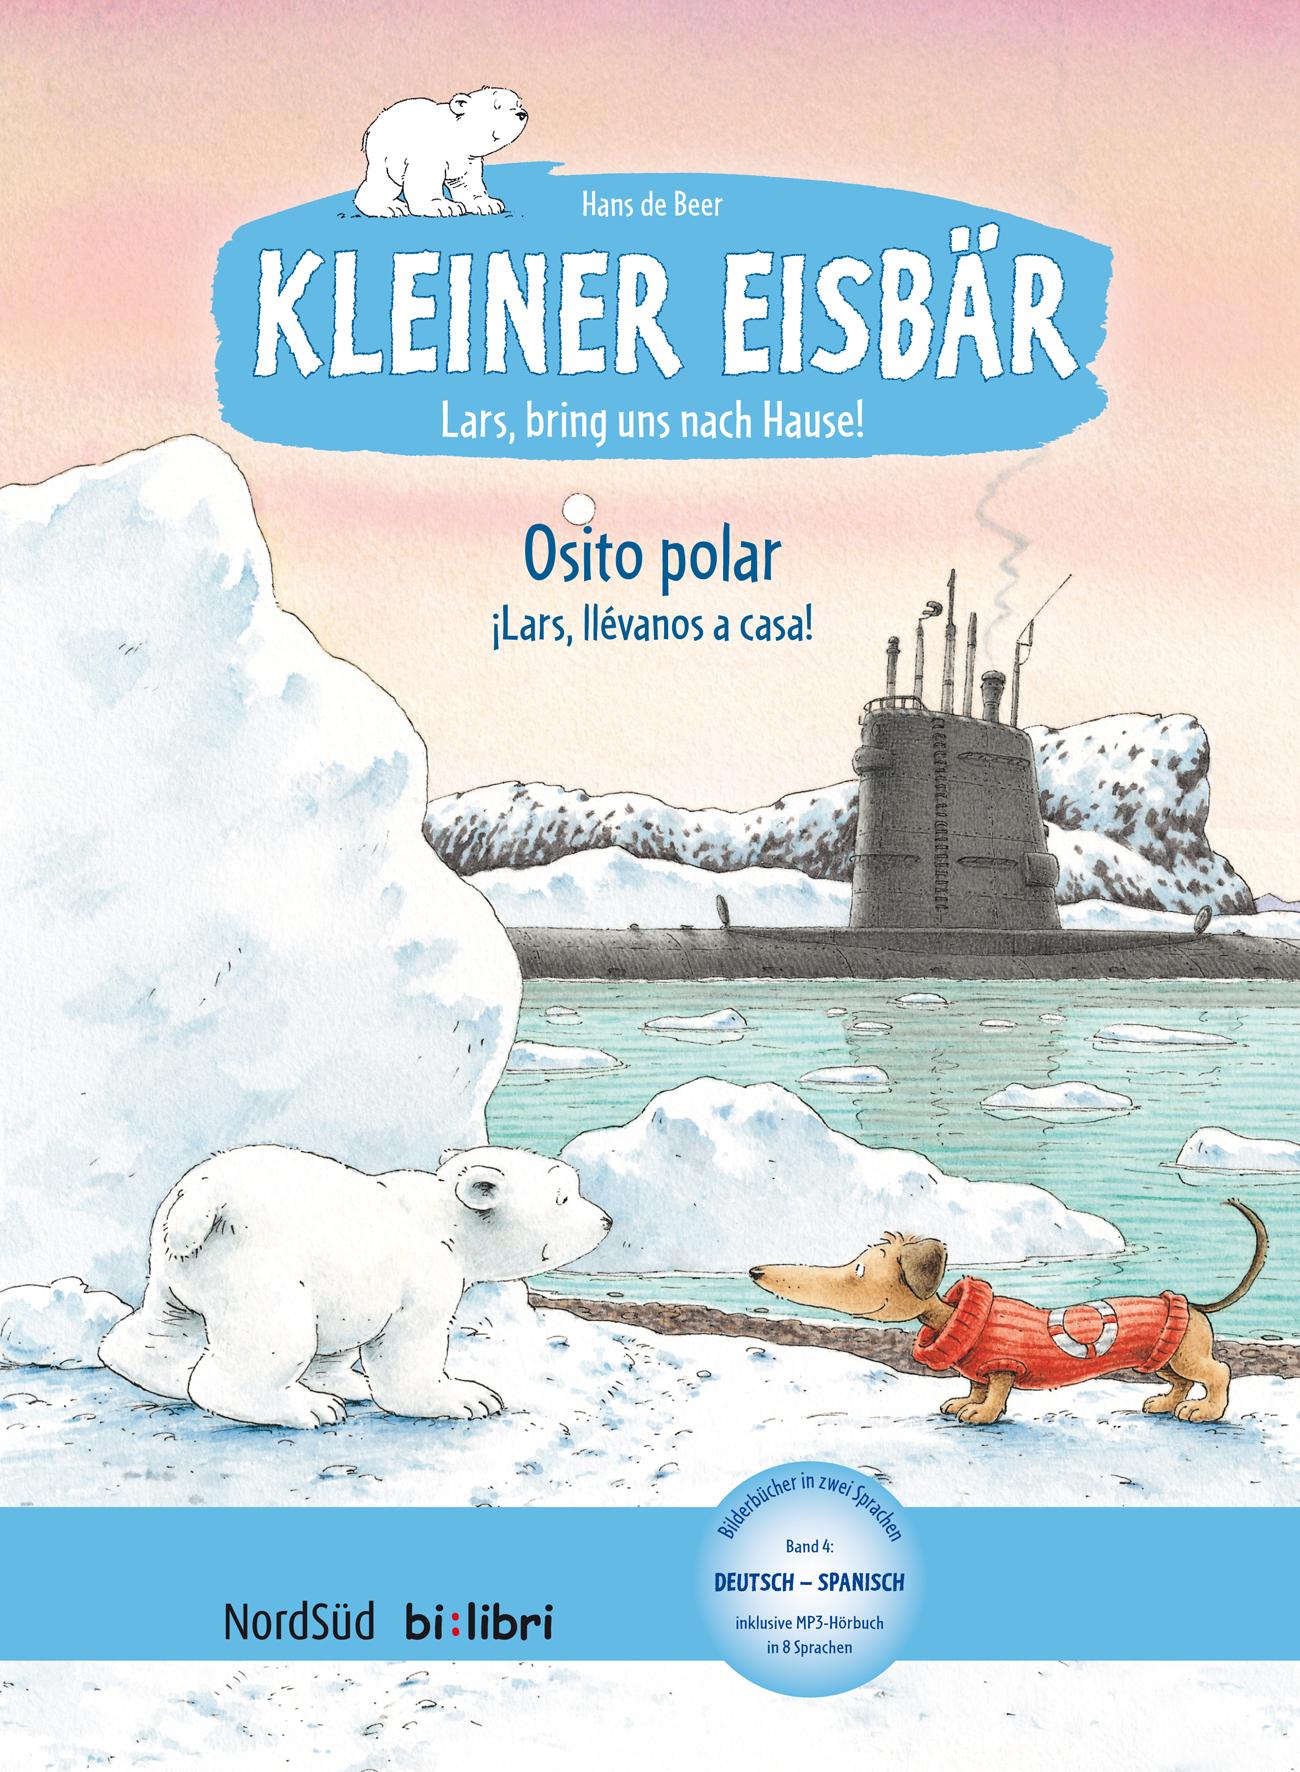 Kleiner Eisbär - Lars, bring uns nach Hause!